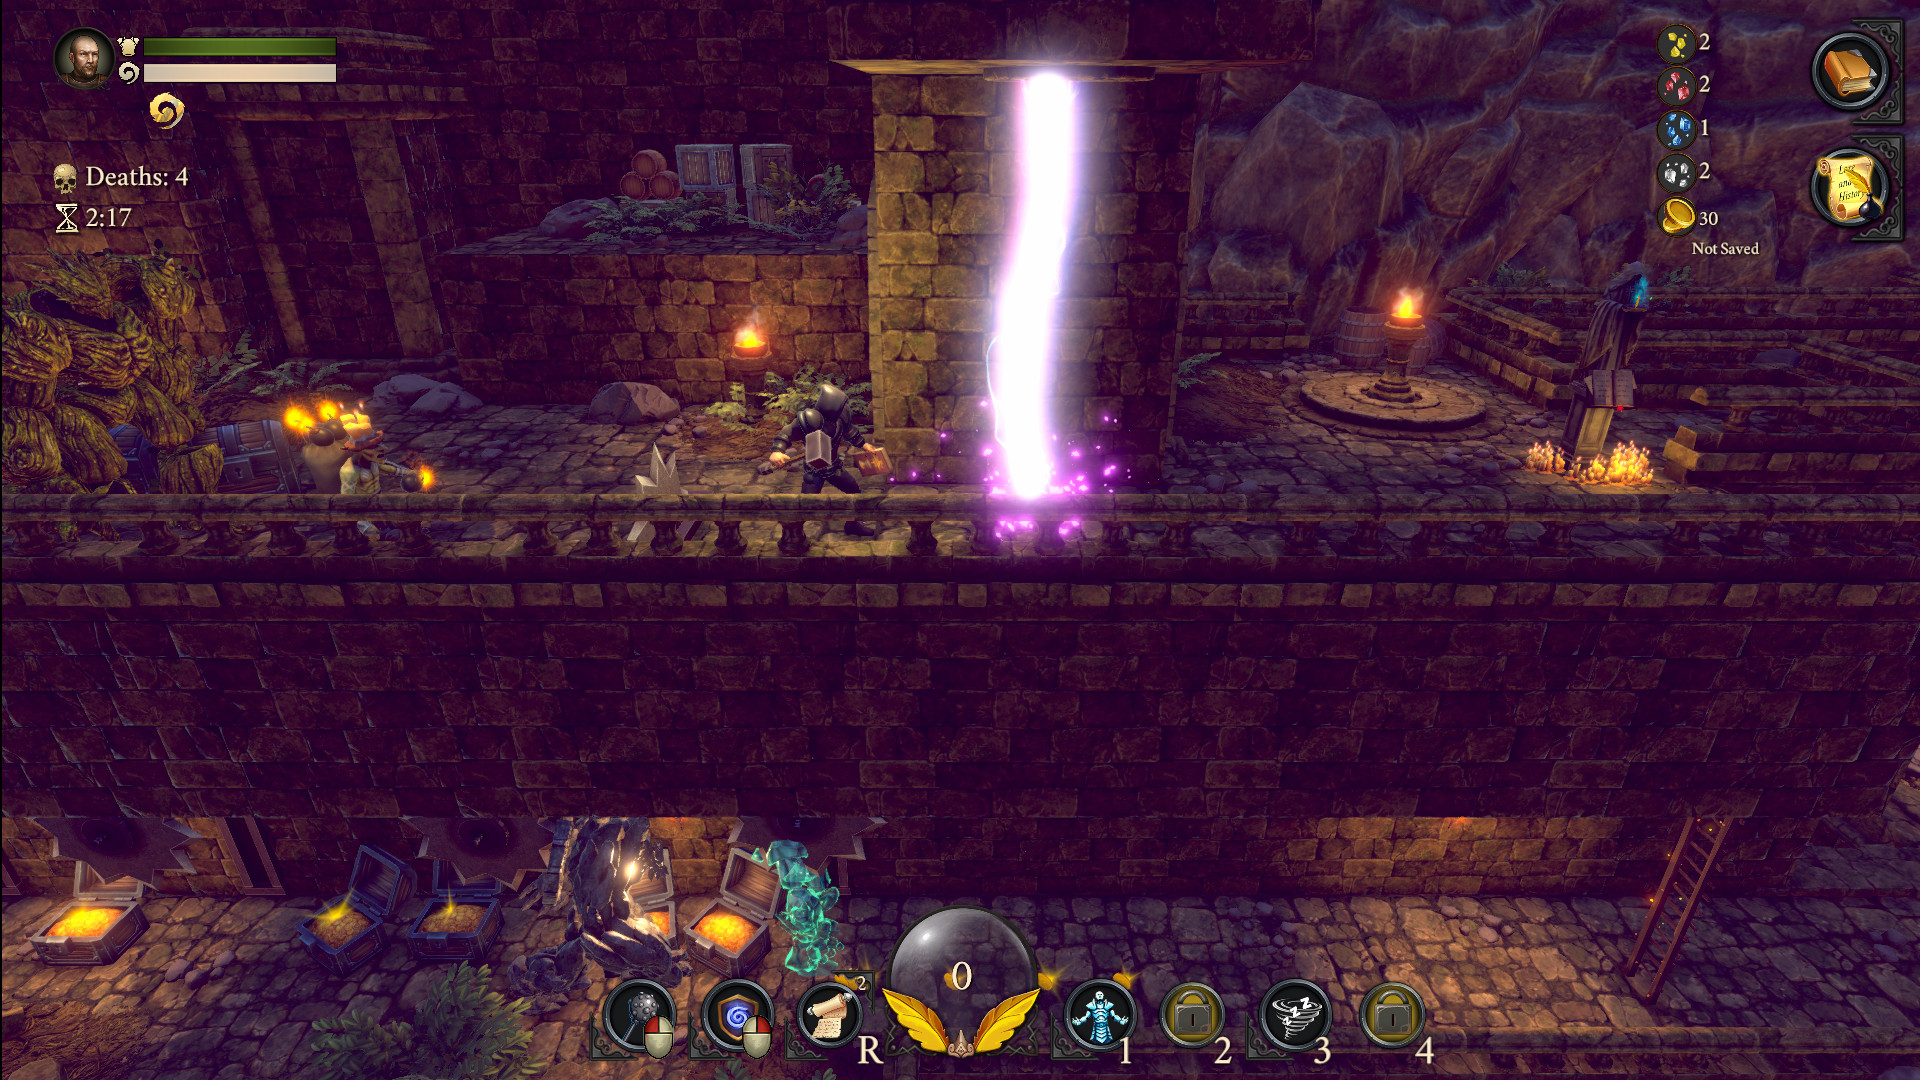 azuran_tales_trials-11.jpg - -